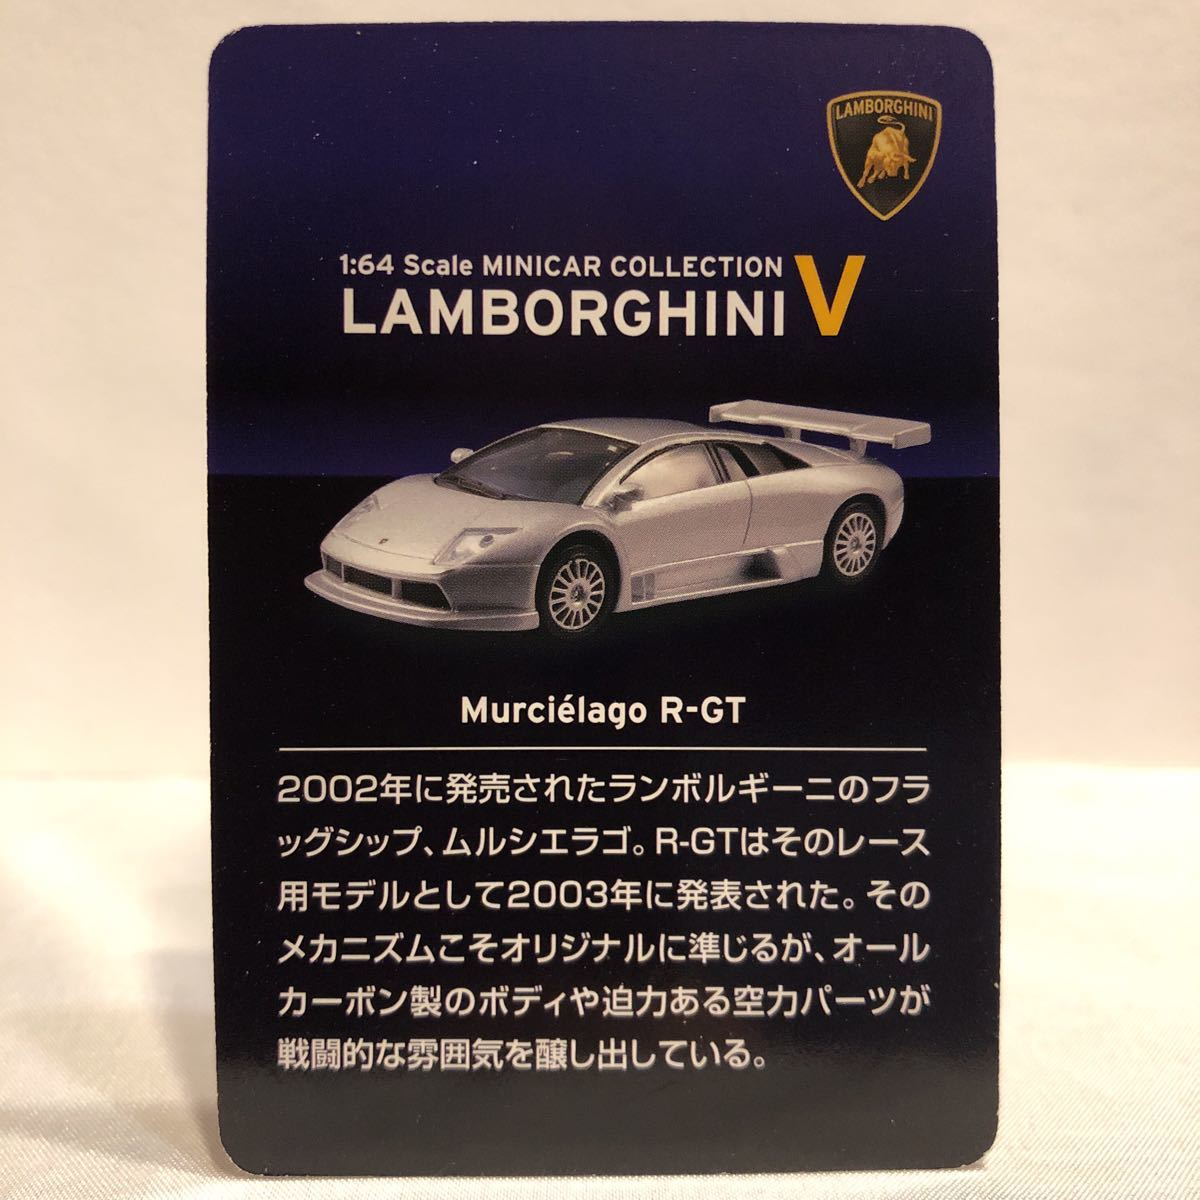 京商 1/64 LAMBORGHINI Ⅴ Murcielago R-GT ランボルギーニ #5 ムルシエラゴ 銀色 シルバー ミニカー モデルカー_画像5